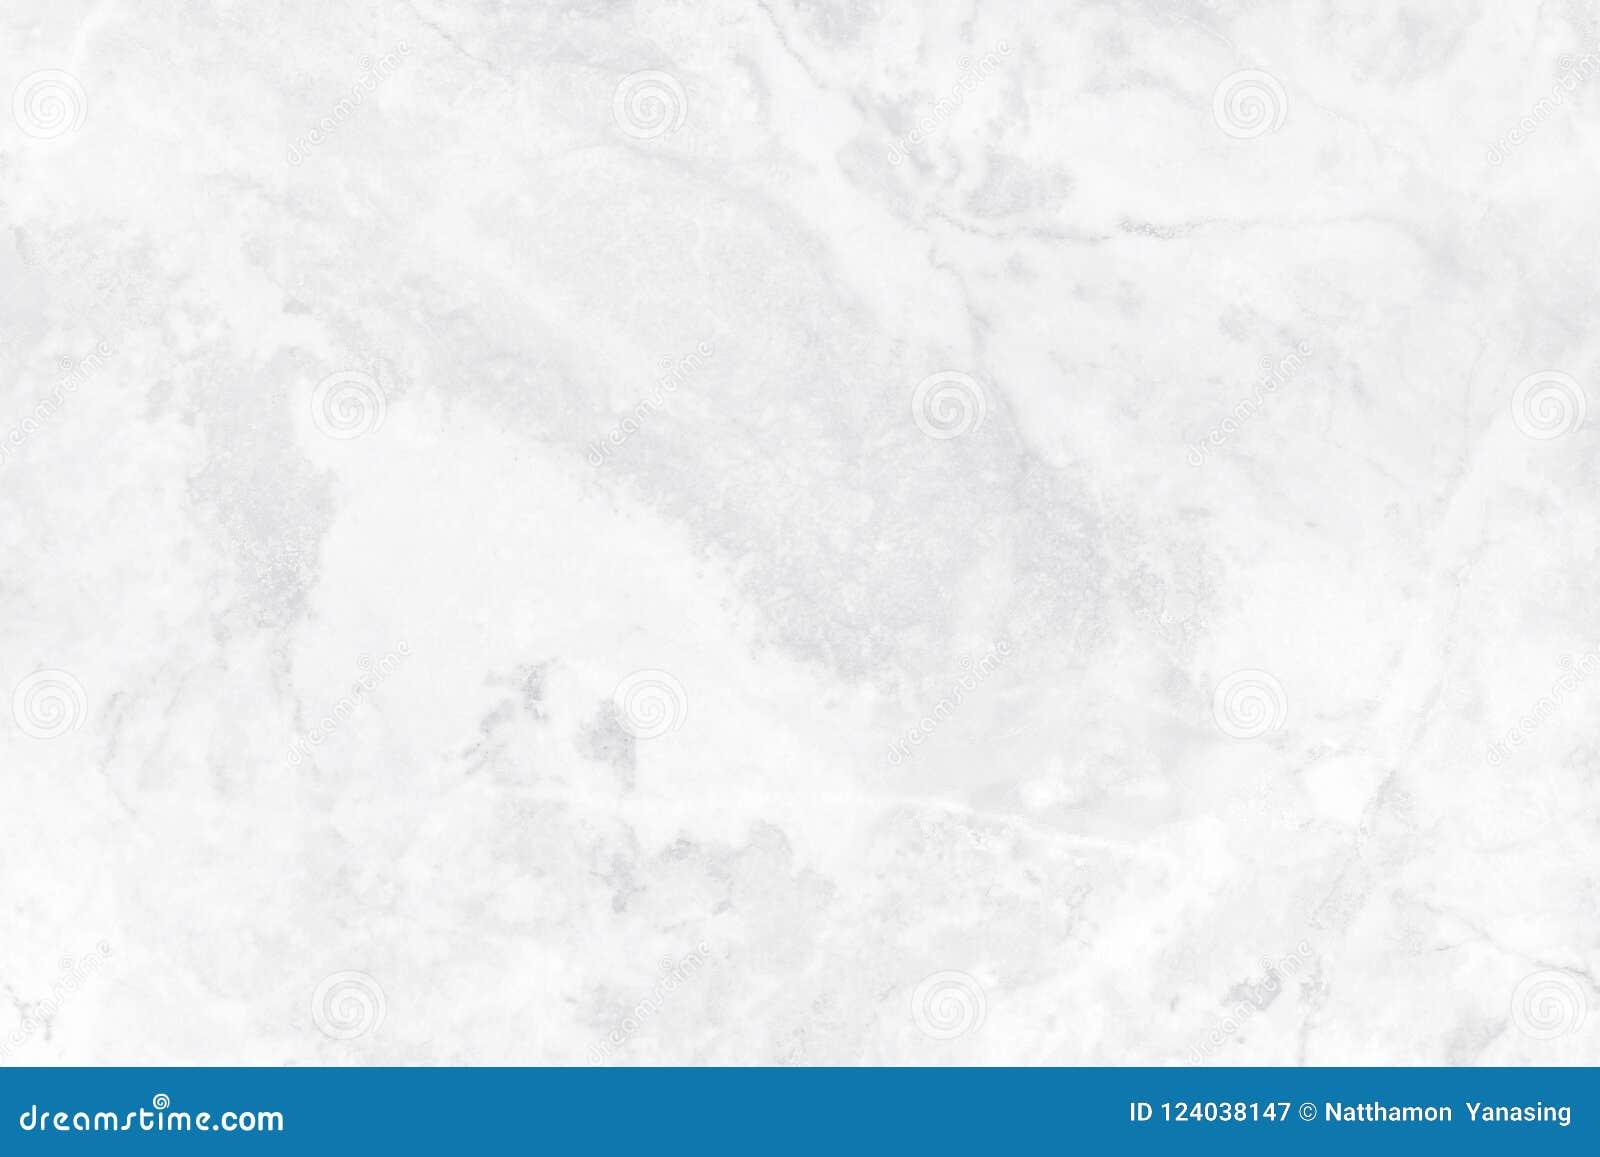 Fundo de mármore cinzento branco da textura com o brilhante da estrutura detalhada e luxuoso de alta resolução